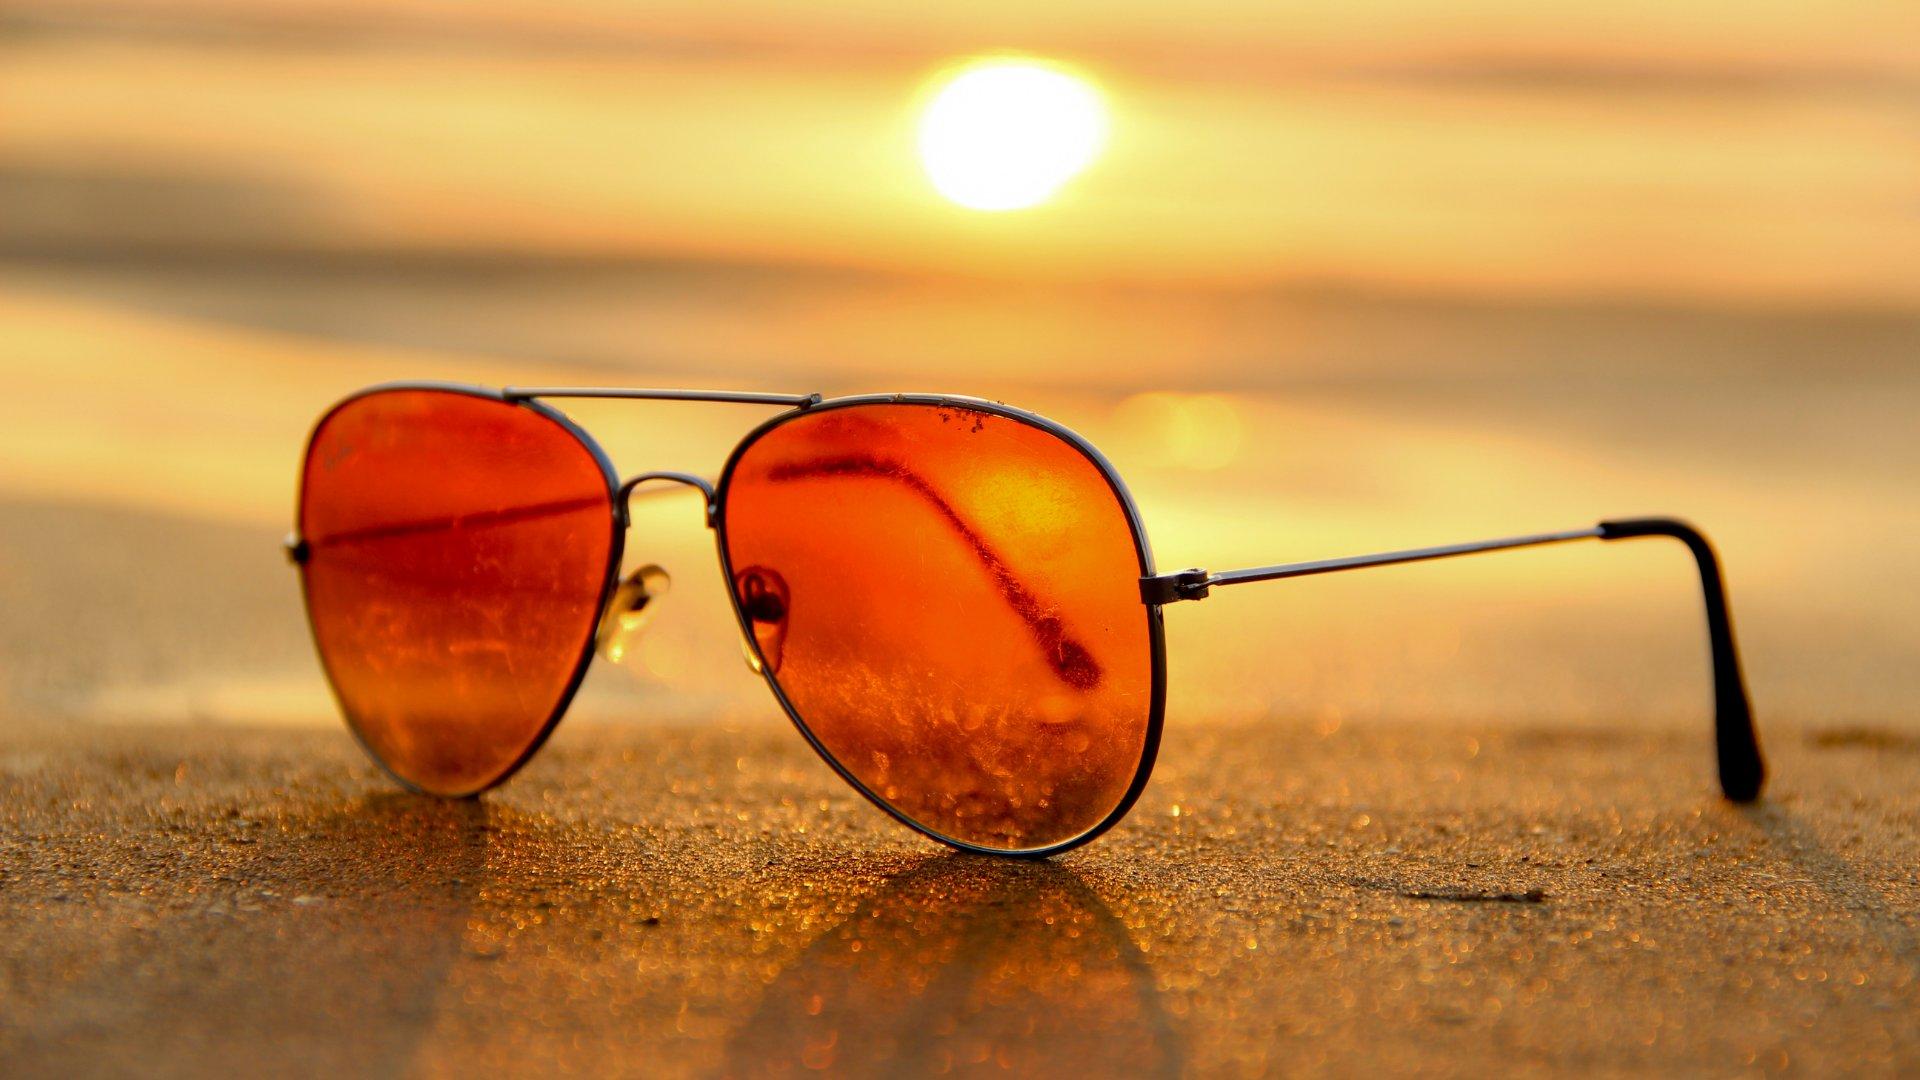 Foto de um óculos escuro com o pôr do sol ao fundo